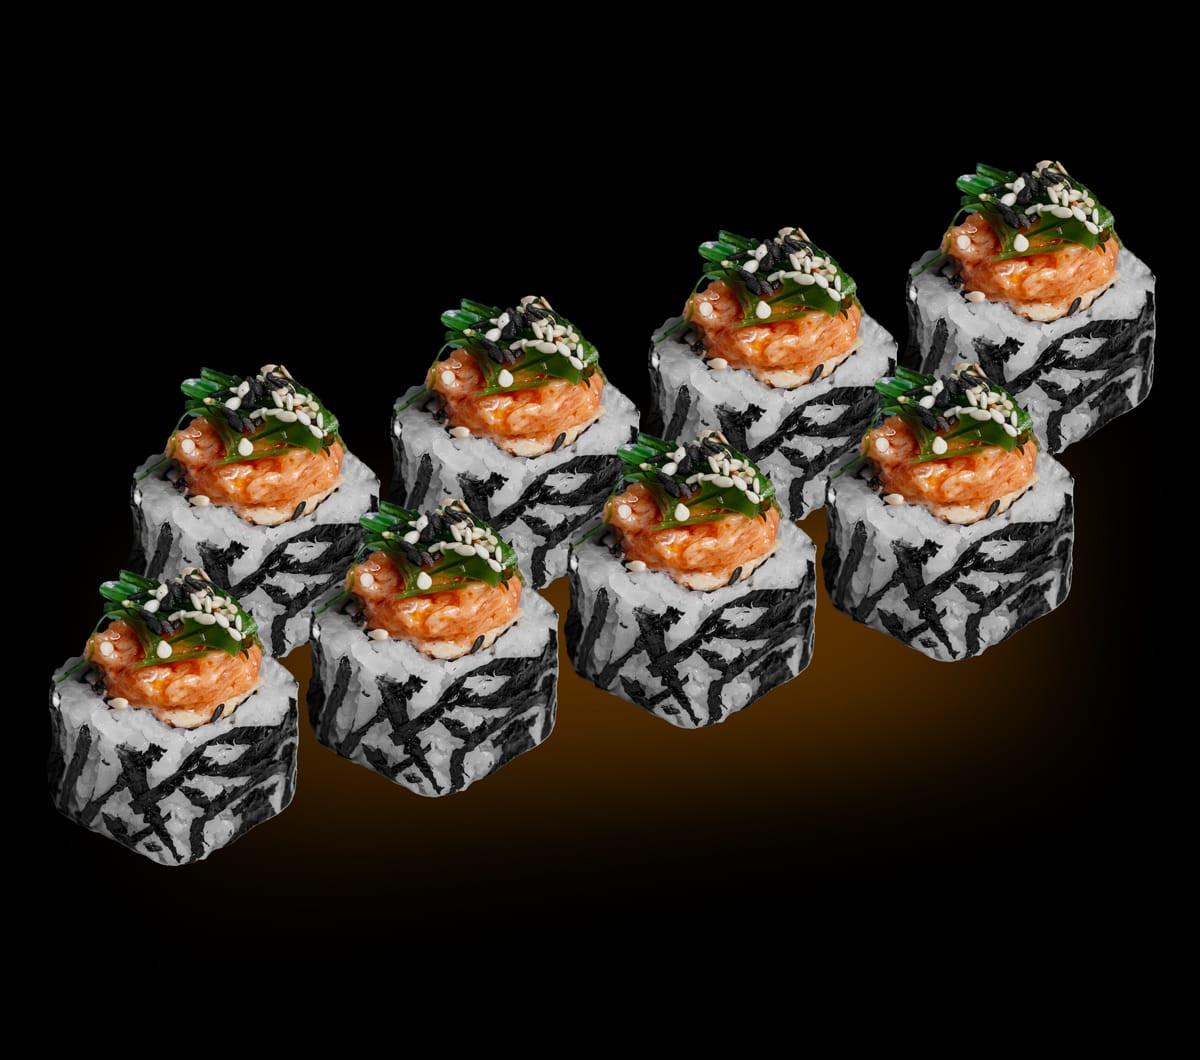 заказать:(uk) Ролли - Спайси рол з лососем